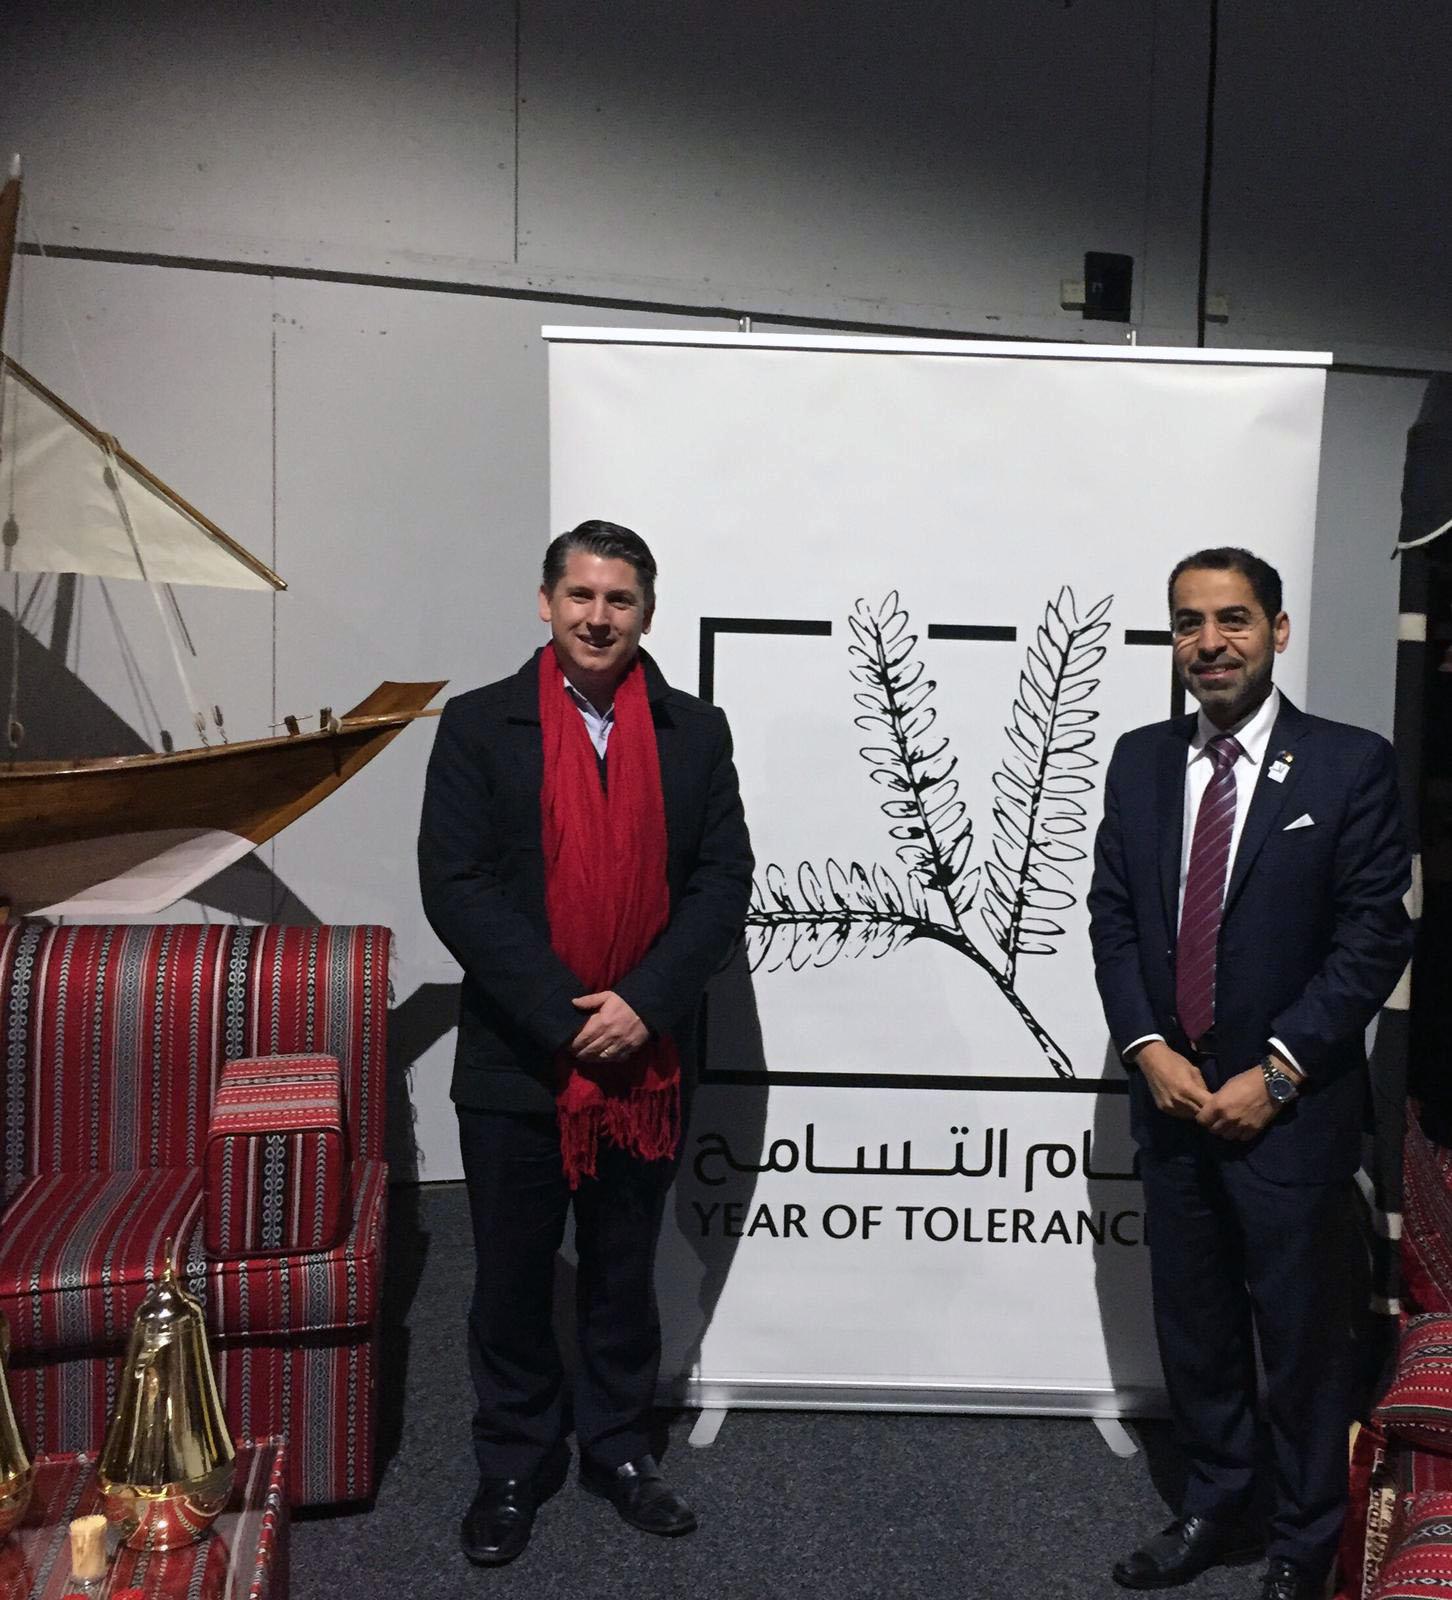 سفارة الإمارات بنيوزيلندا تشارك فى فعاليات العيد بمعرض ومجلس للتراث الإماراتي